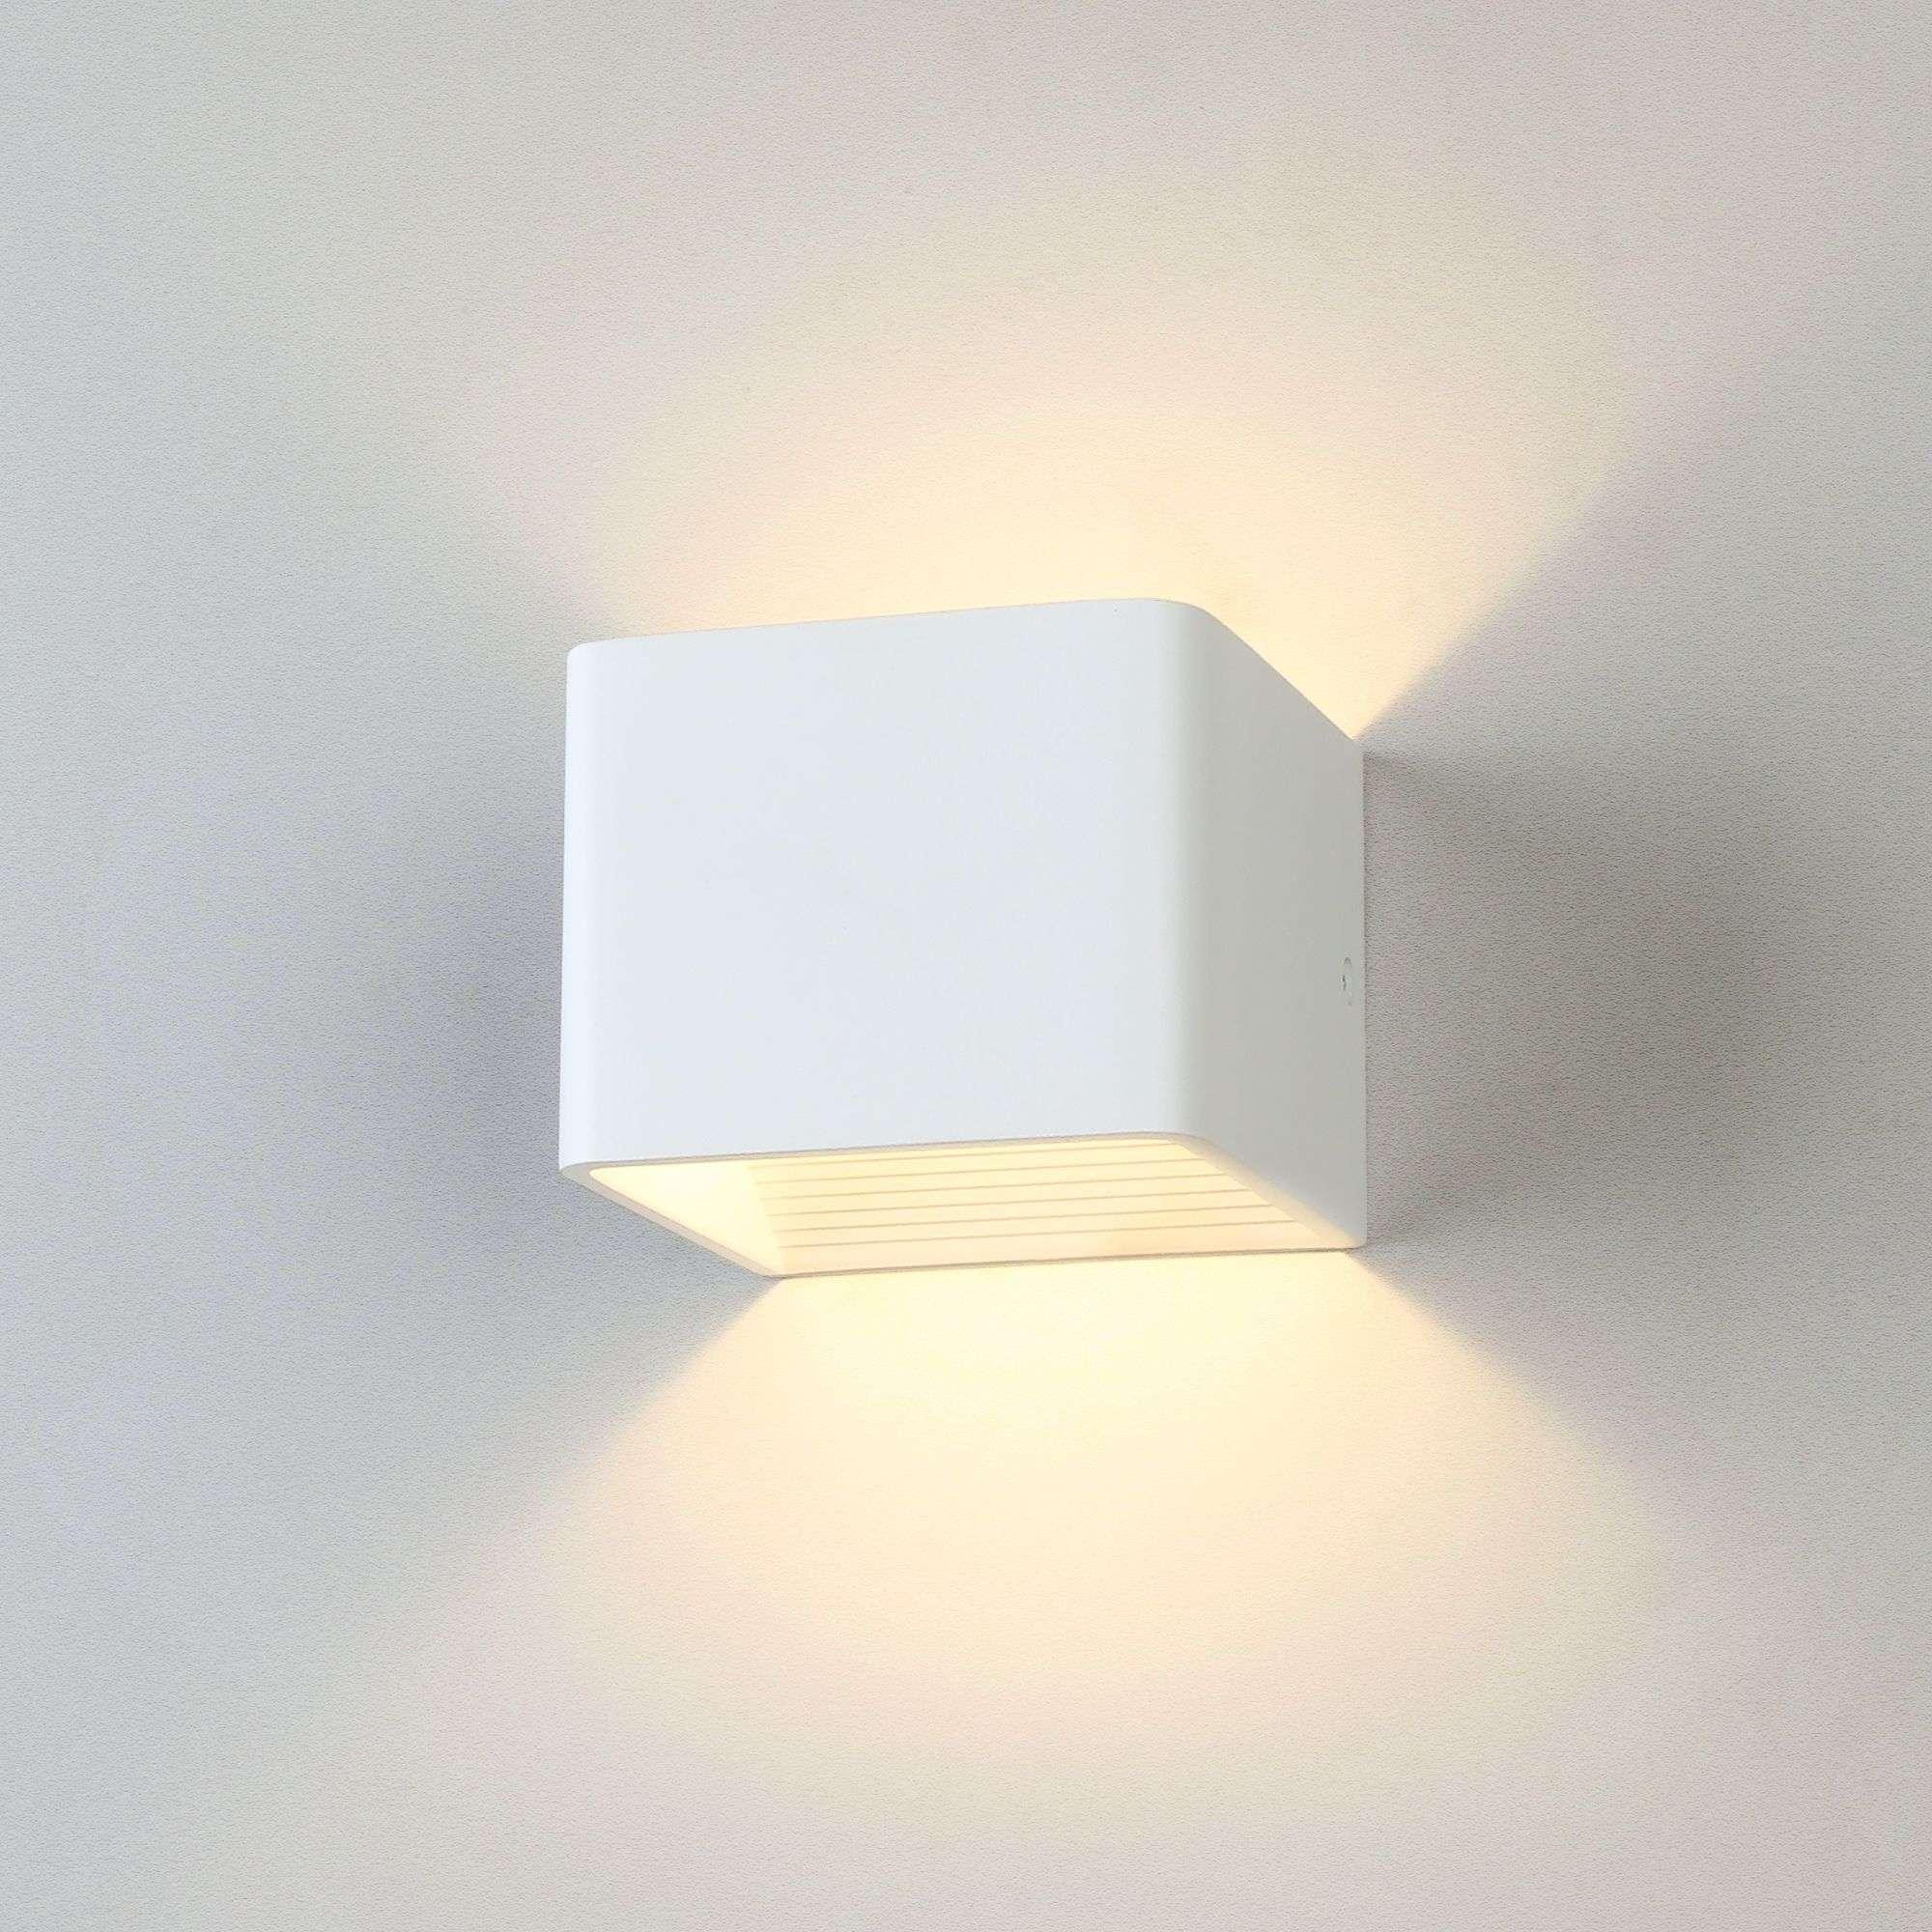 Настенный светодиодный светильник Corudo MRL LED 1060 белый